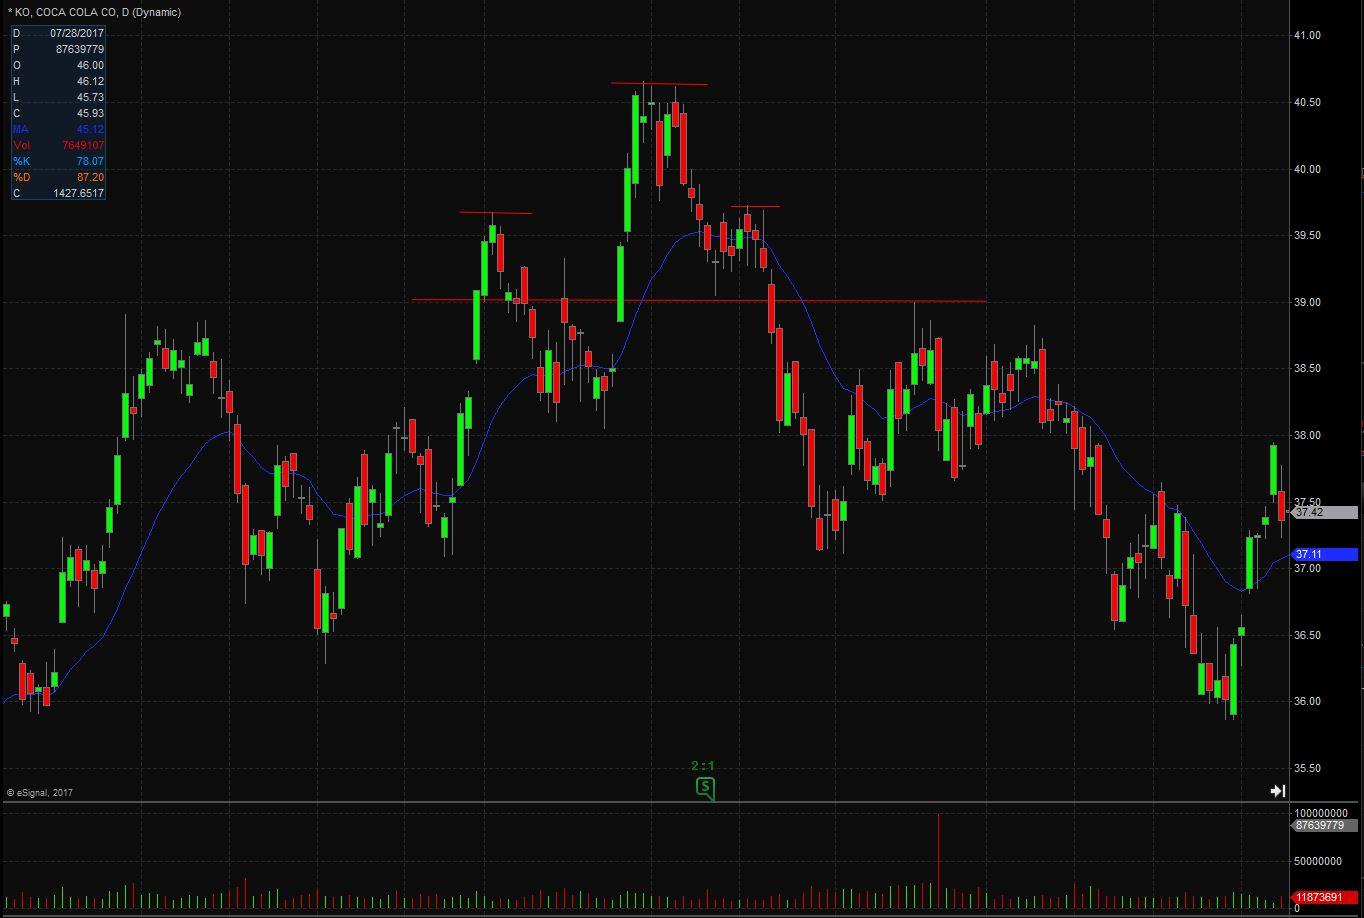 bearish chart patterns